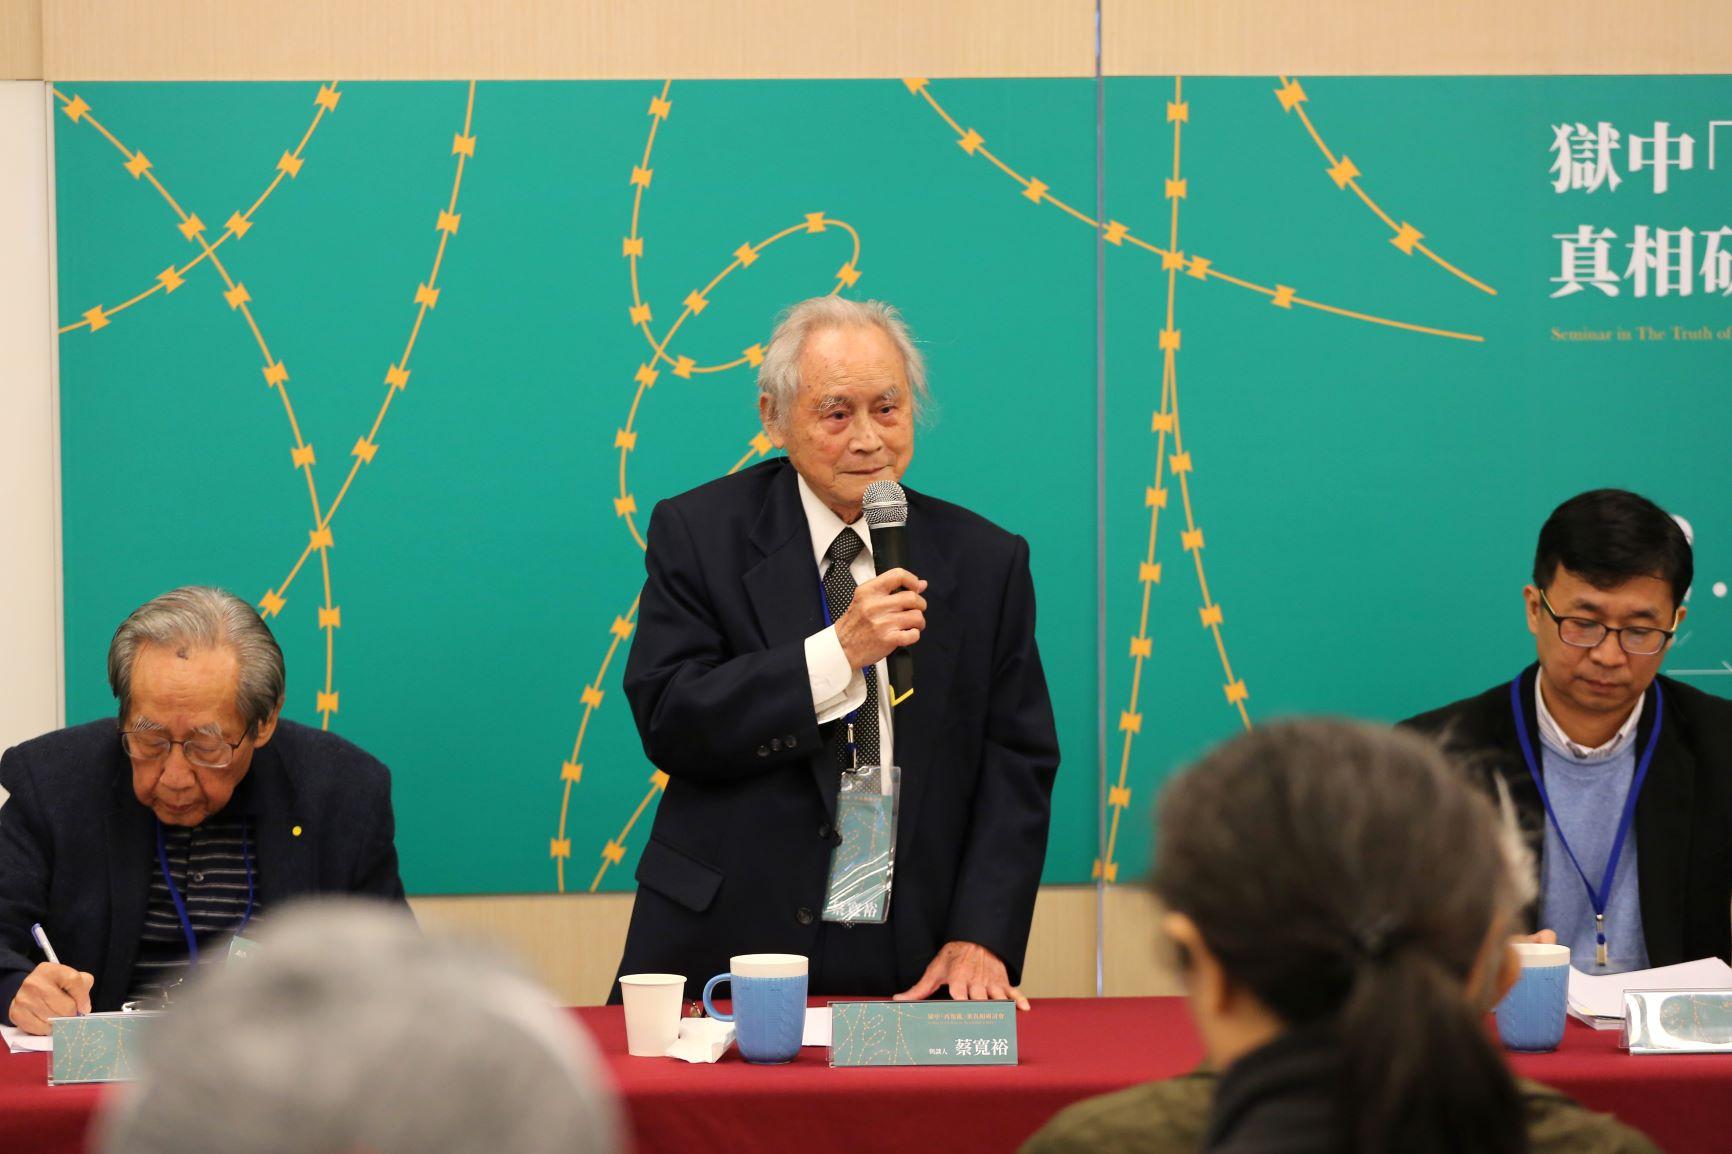 泰源事件五十週年 重探「再叛亂」案 國家人權博物館舉辦 獄中「再叛亂」案真相研討會